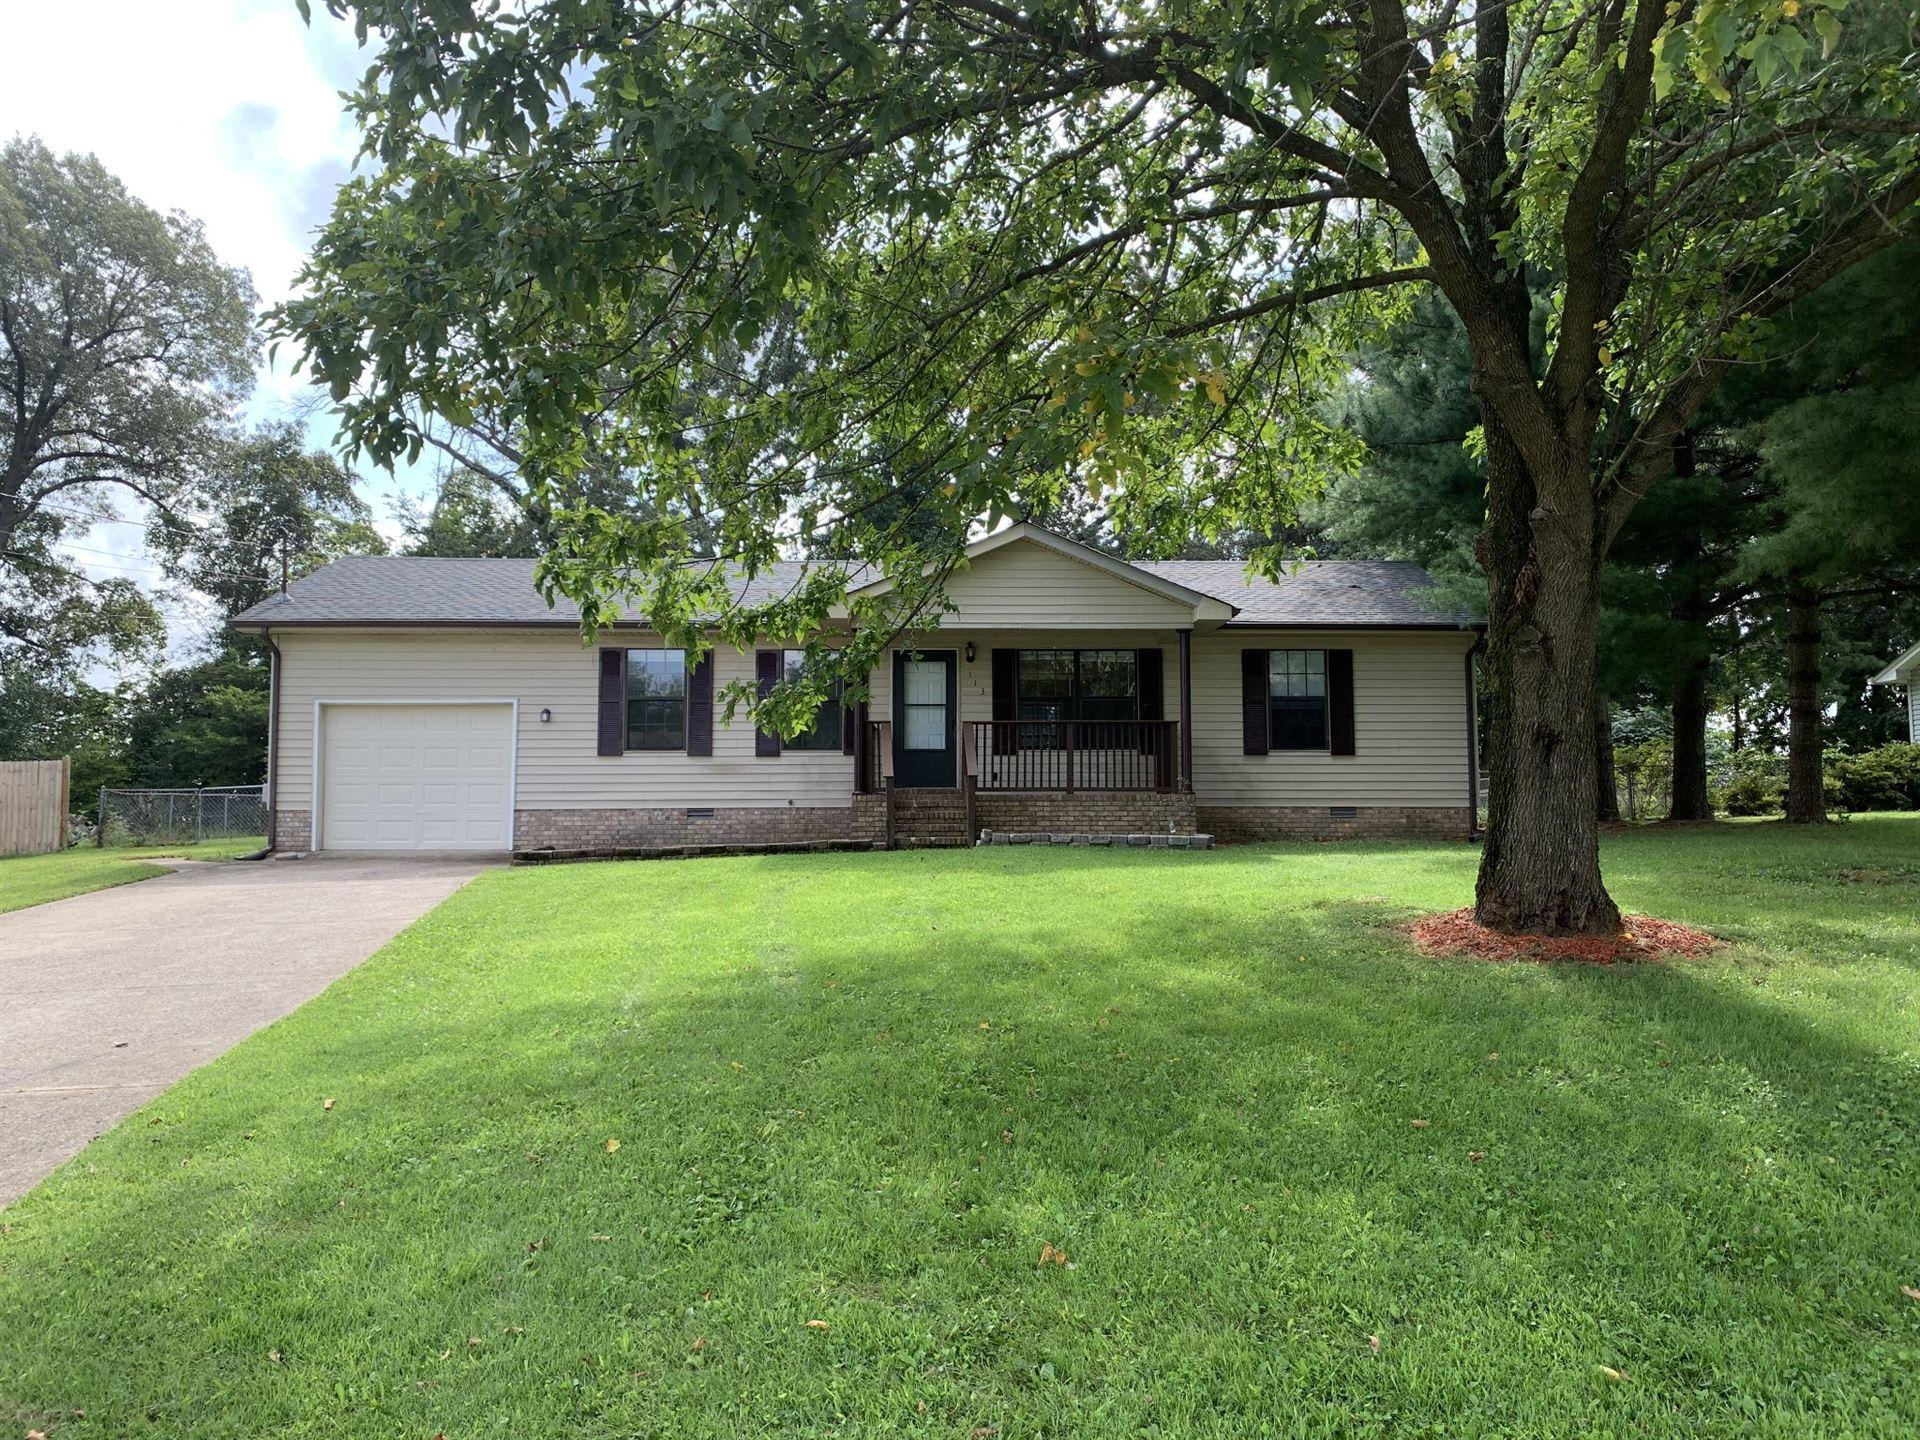 113 Oak Tree Dr, Oak Grove, KY 42262 - MLS#: 2292408